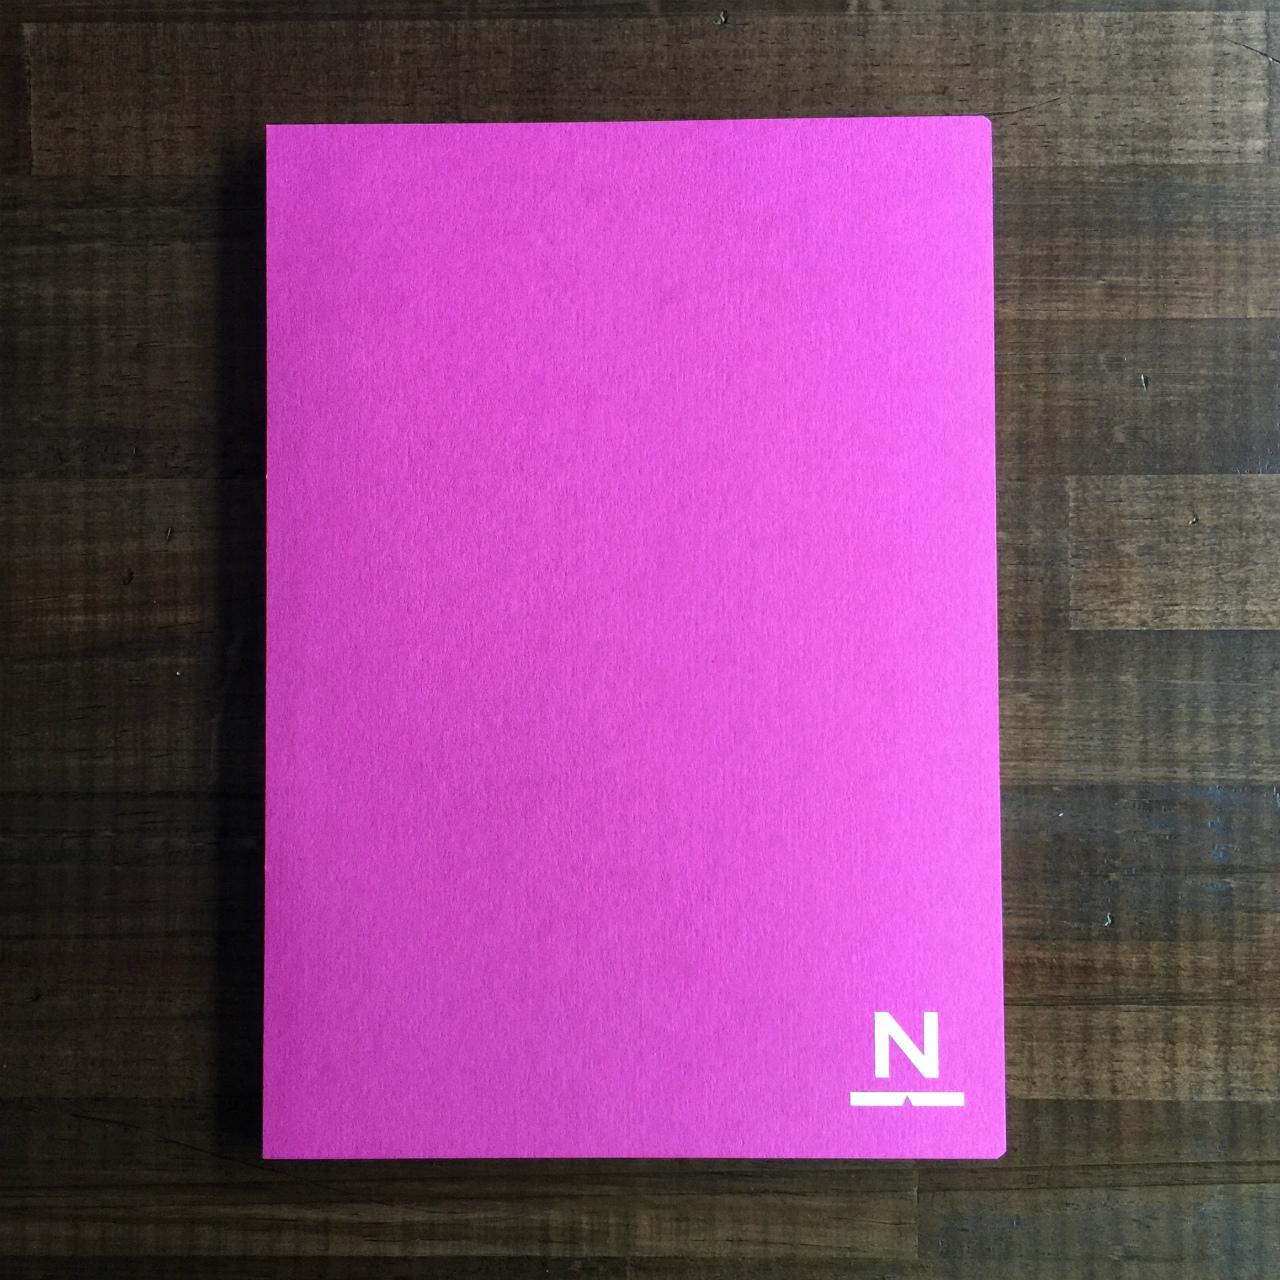 ノンブルノート「N」(03)ホットピンク×ピーコックグリーン